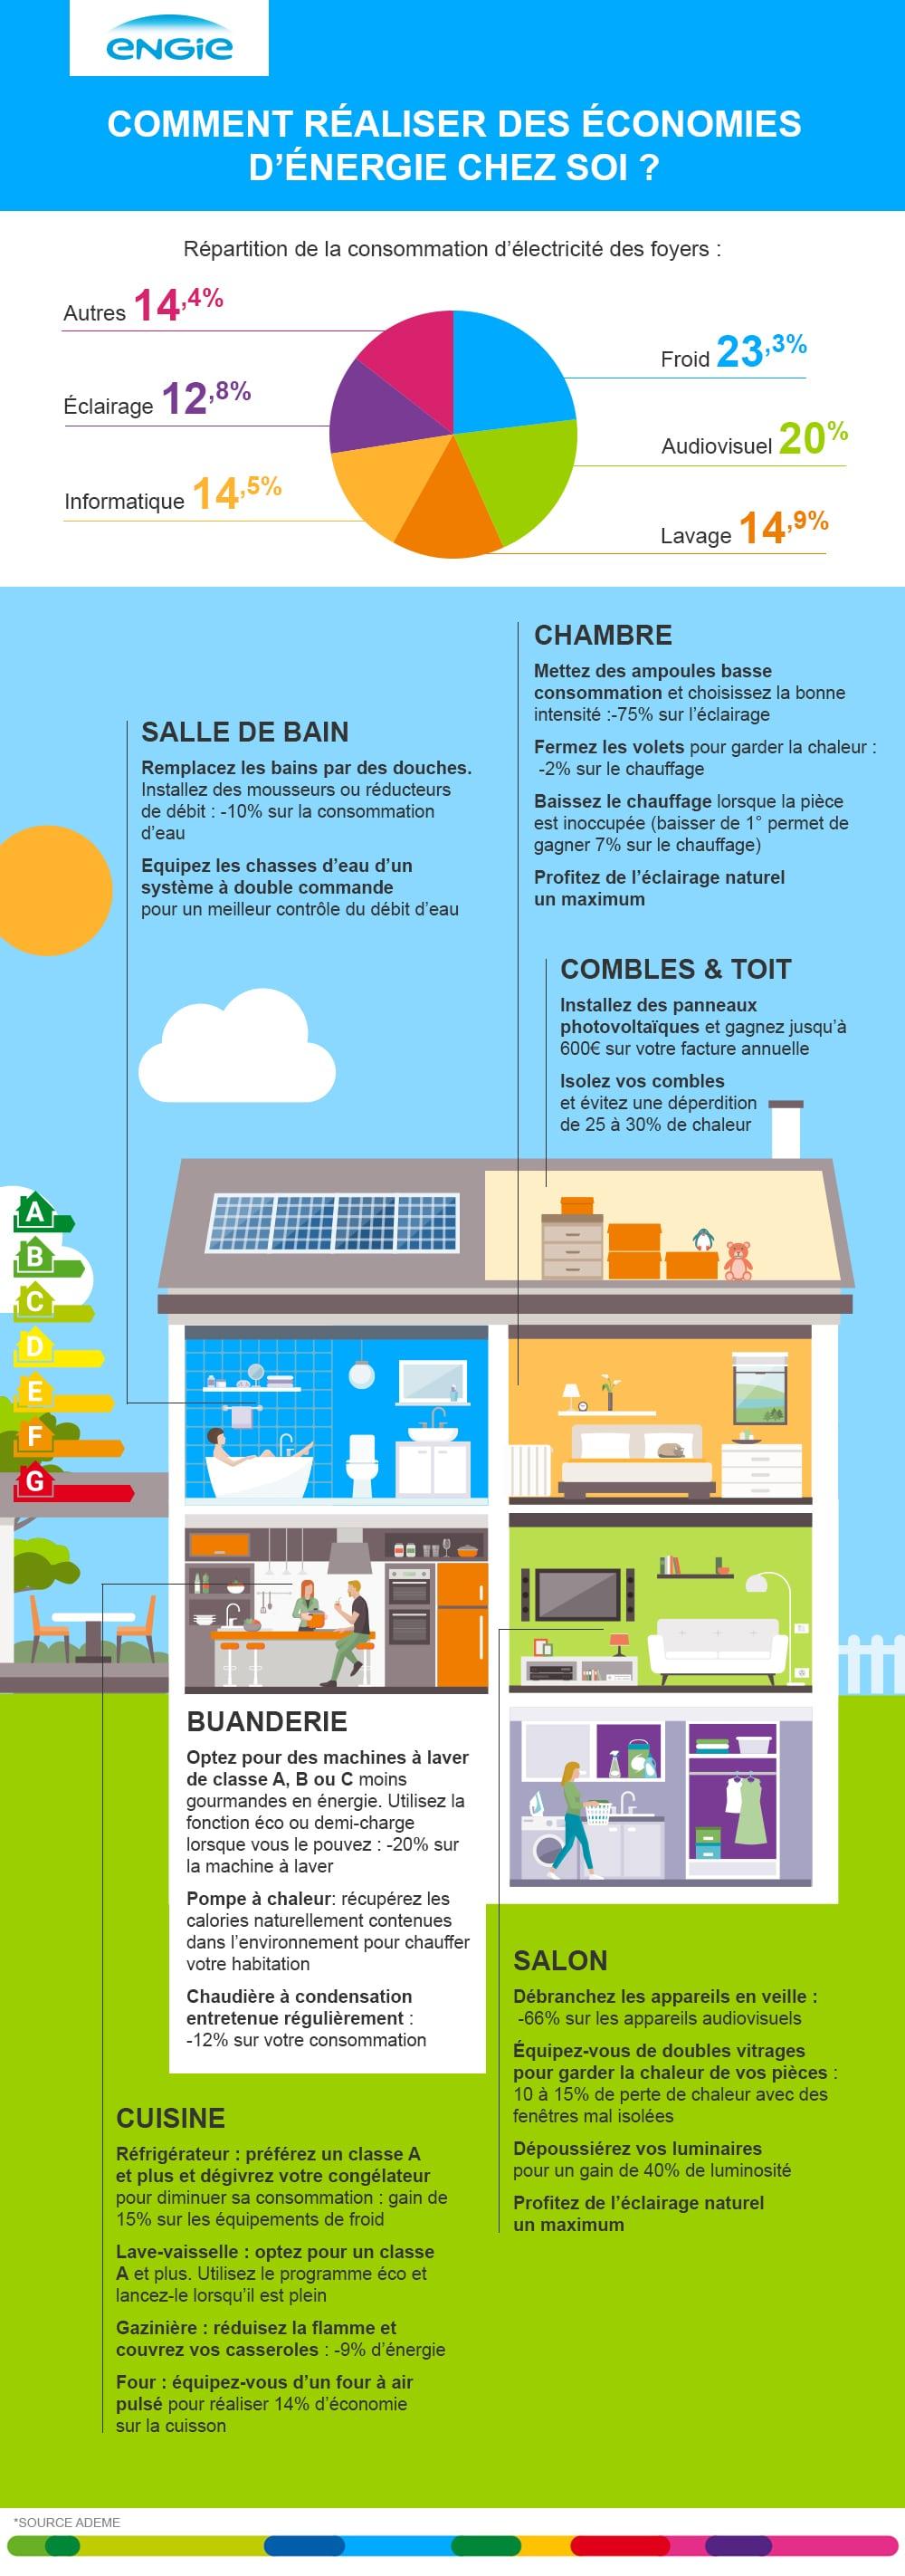 Mes 7 petits gestes pour faire des économies d'énergie